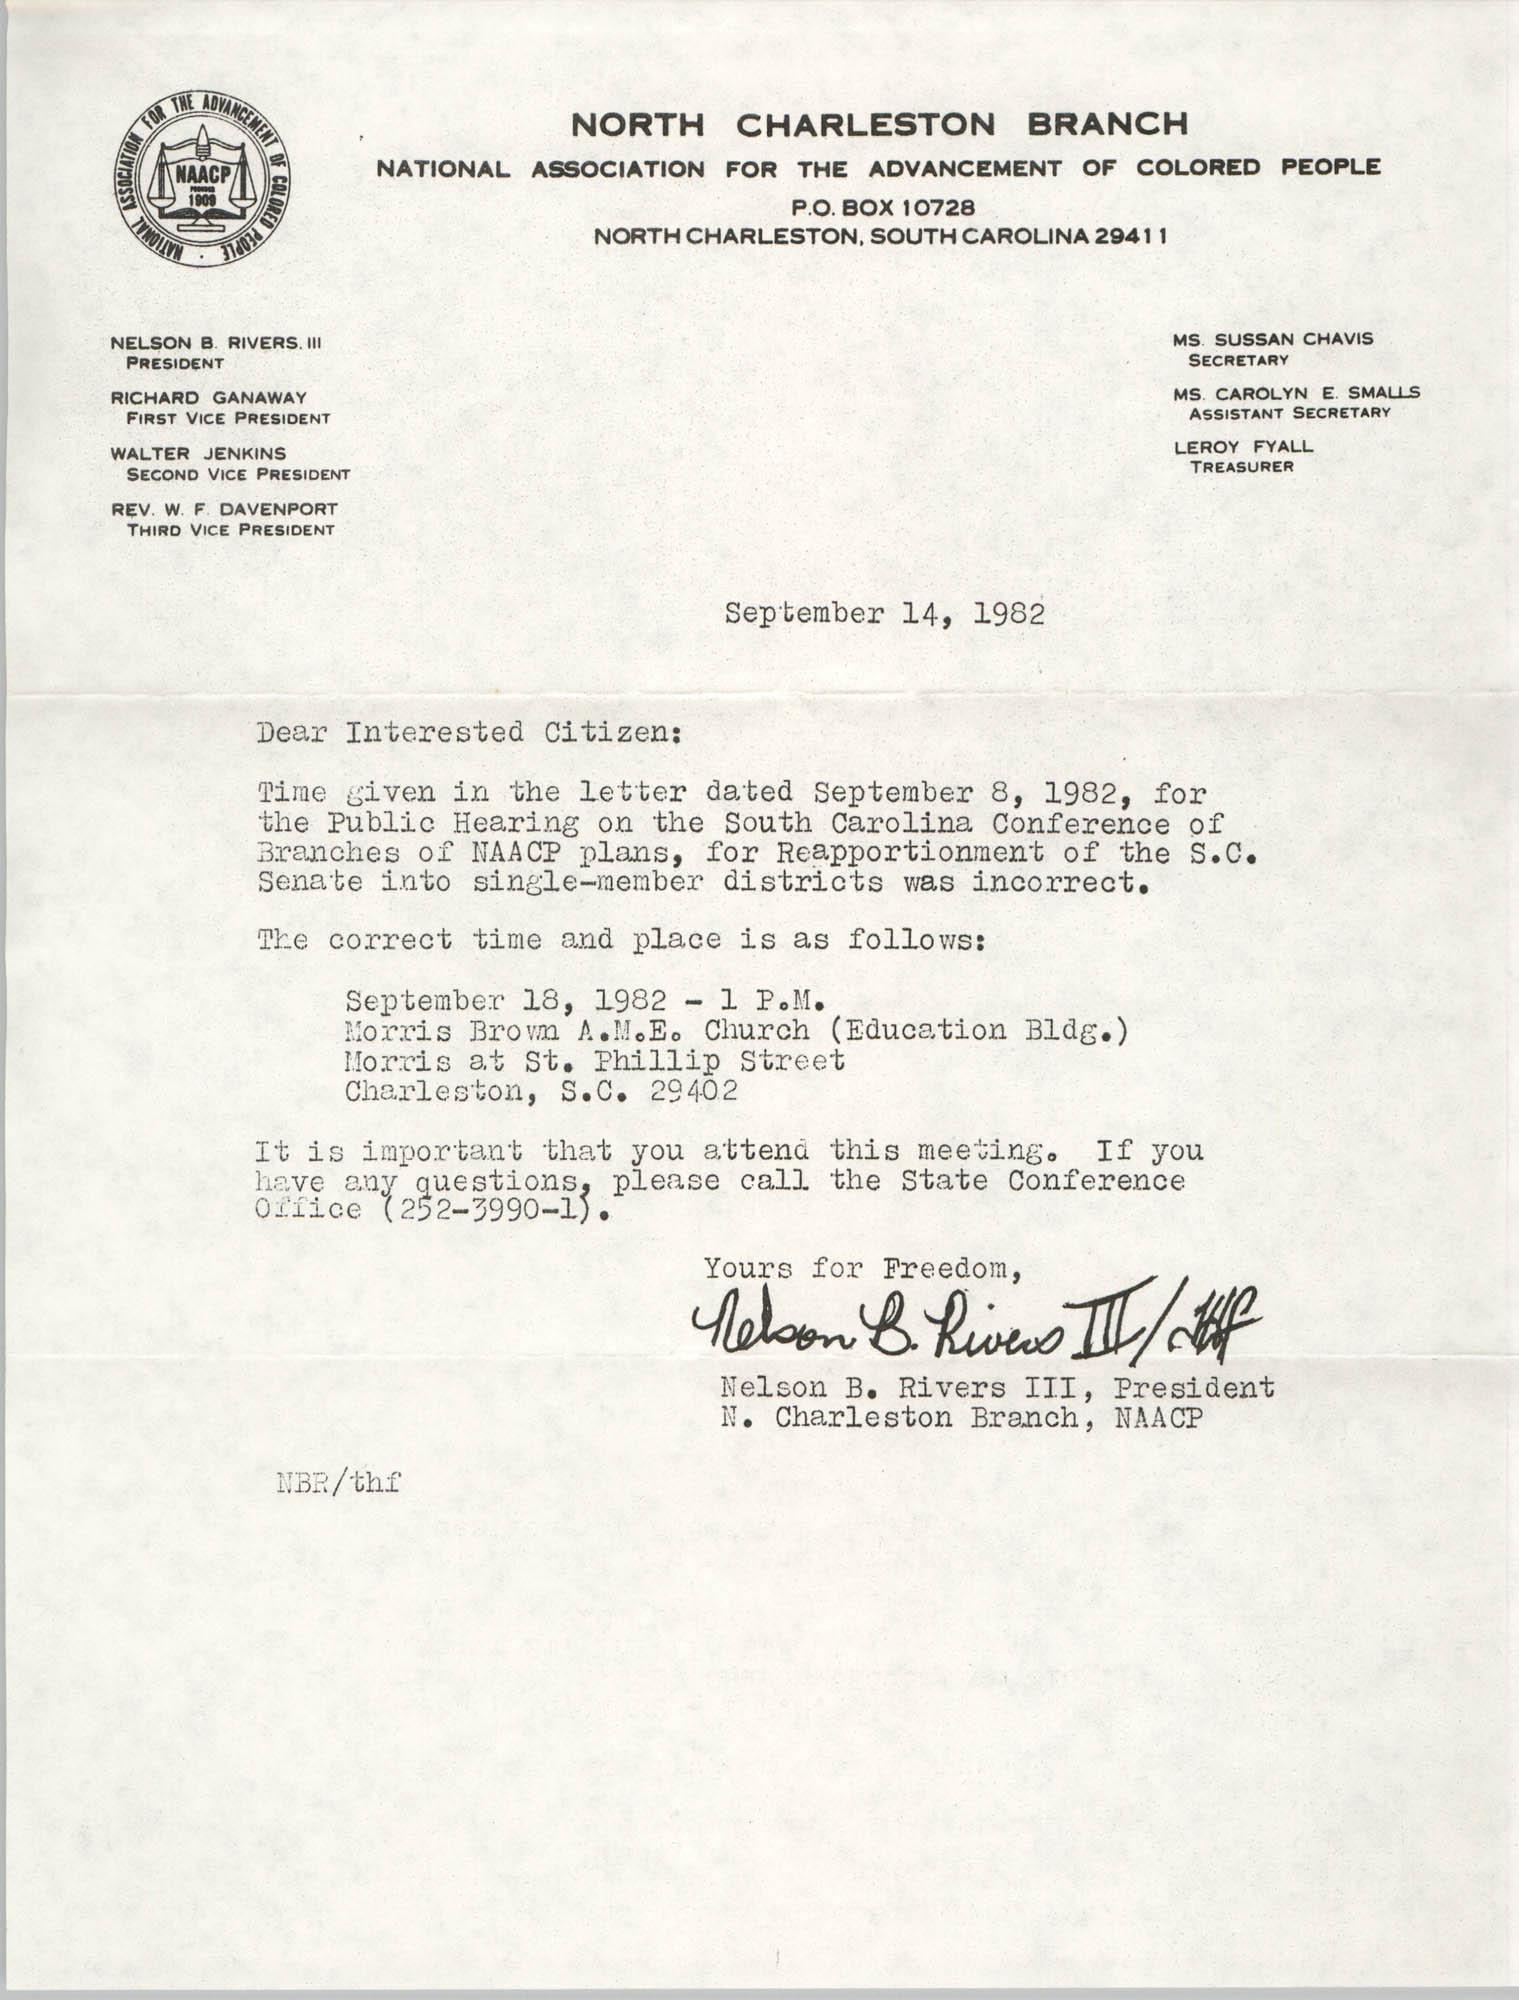 North Charleston Branch of the NAACP Memorandum, September 14, 1982